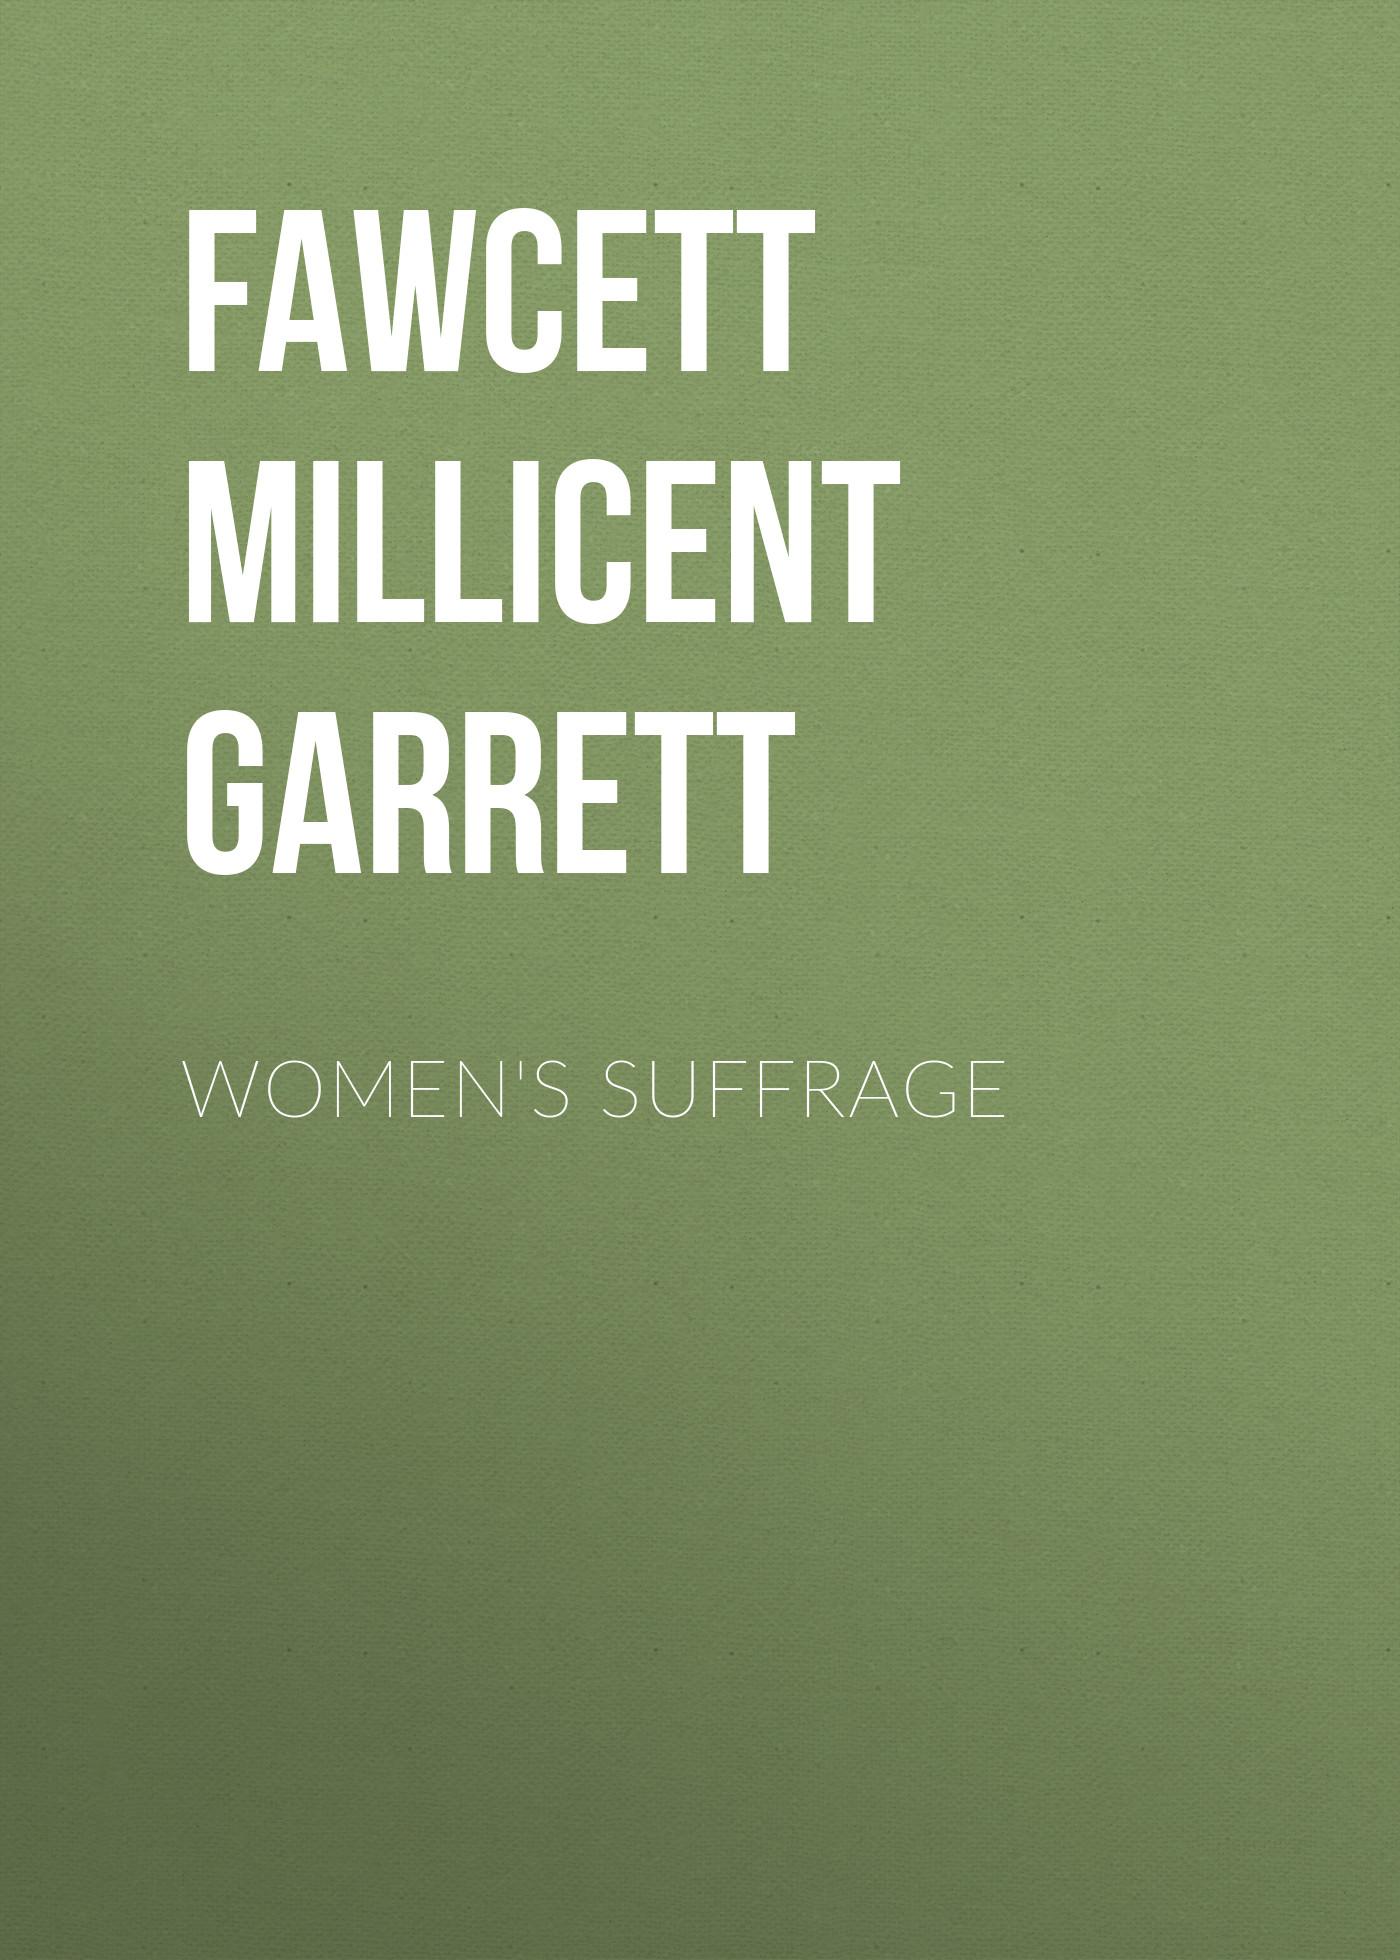 Fawcett Millicent Garrett Women's Suffrage